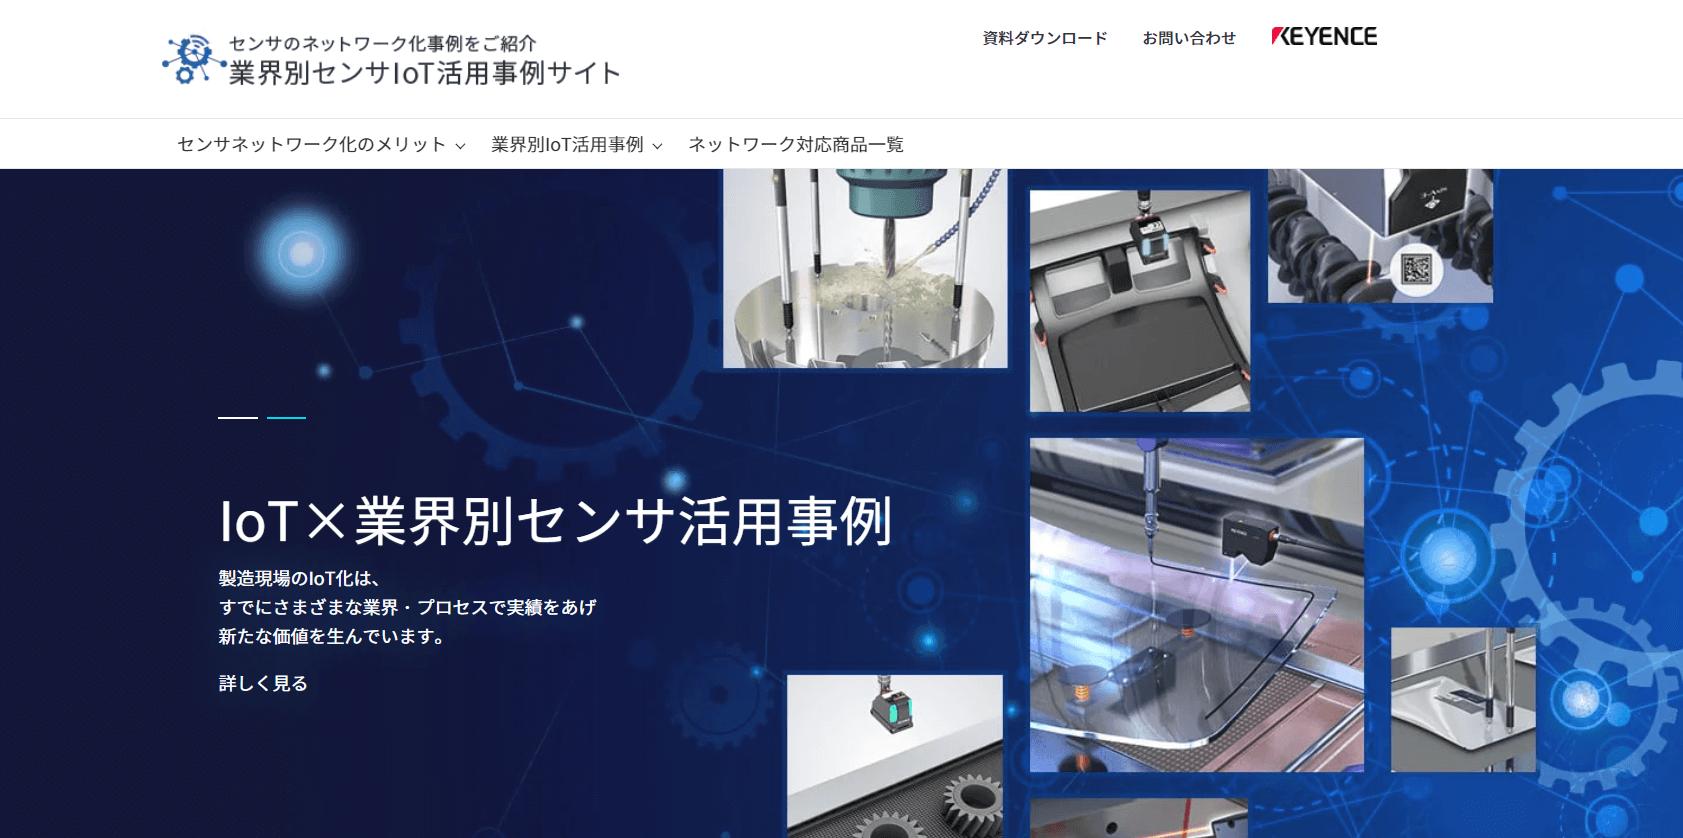 keyence_homepage